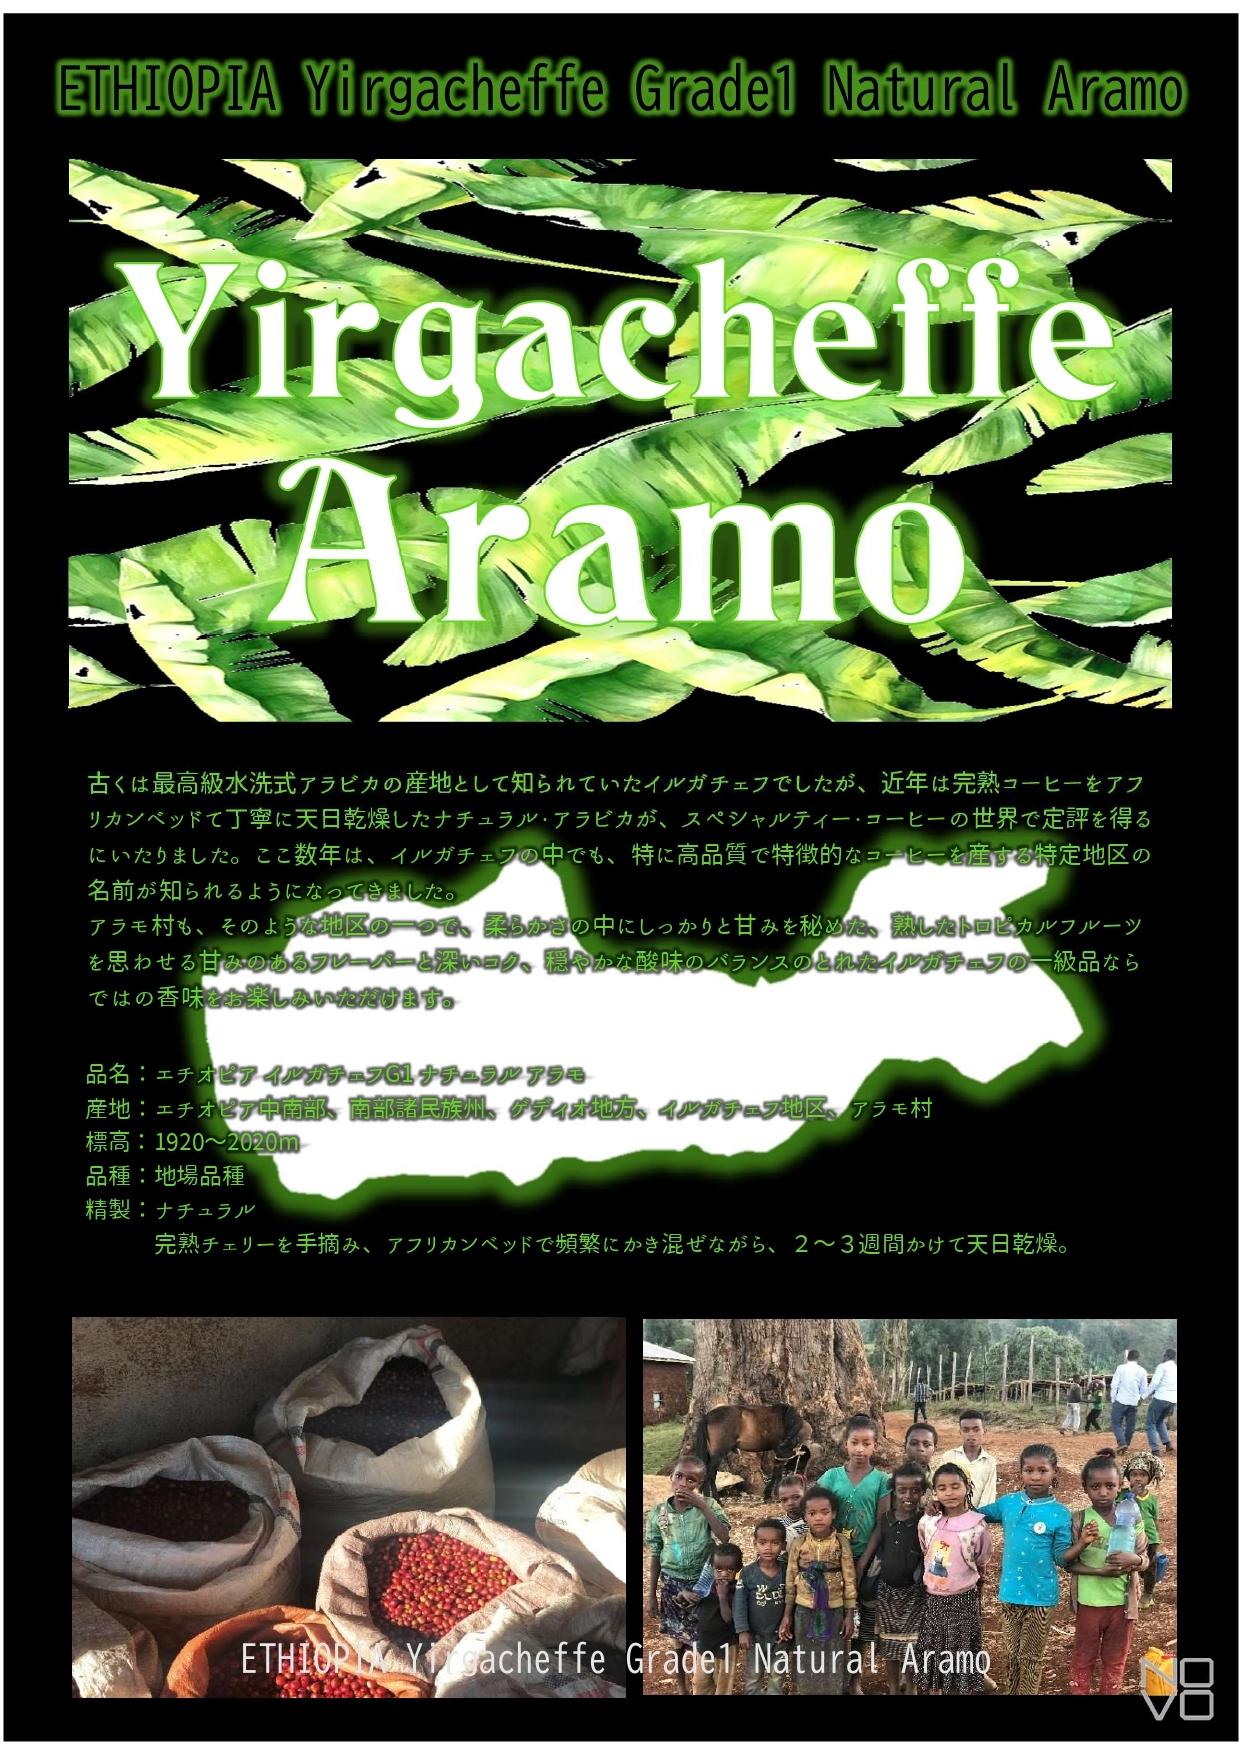 エチオピア イルガチェフG1 アラモ村 200g ハイロースト(中浅煎り) ナチュラル